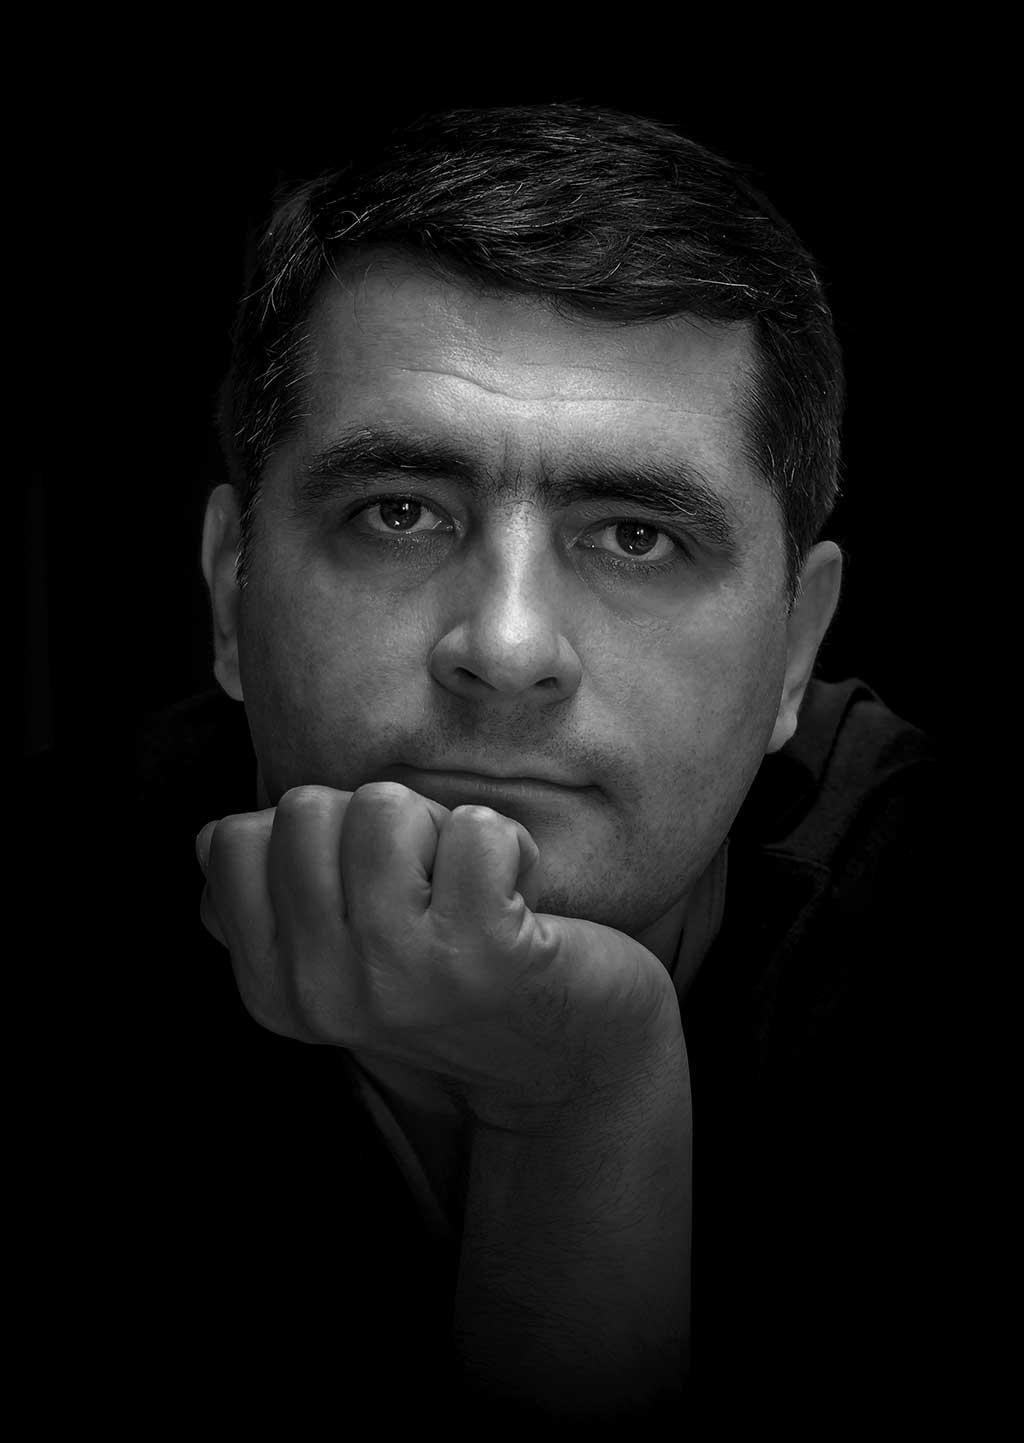 Вадим Качан - создатель самого маленького кольца, ювелир, дизайнер, фотограф